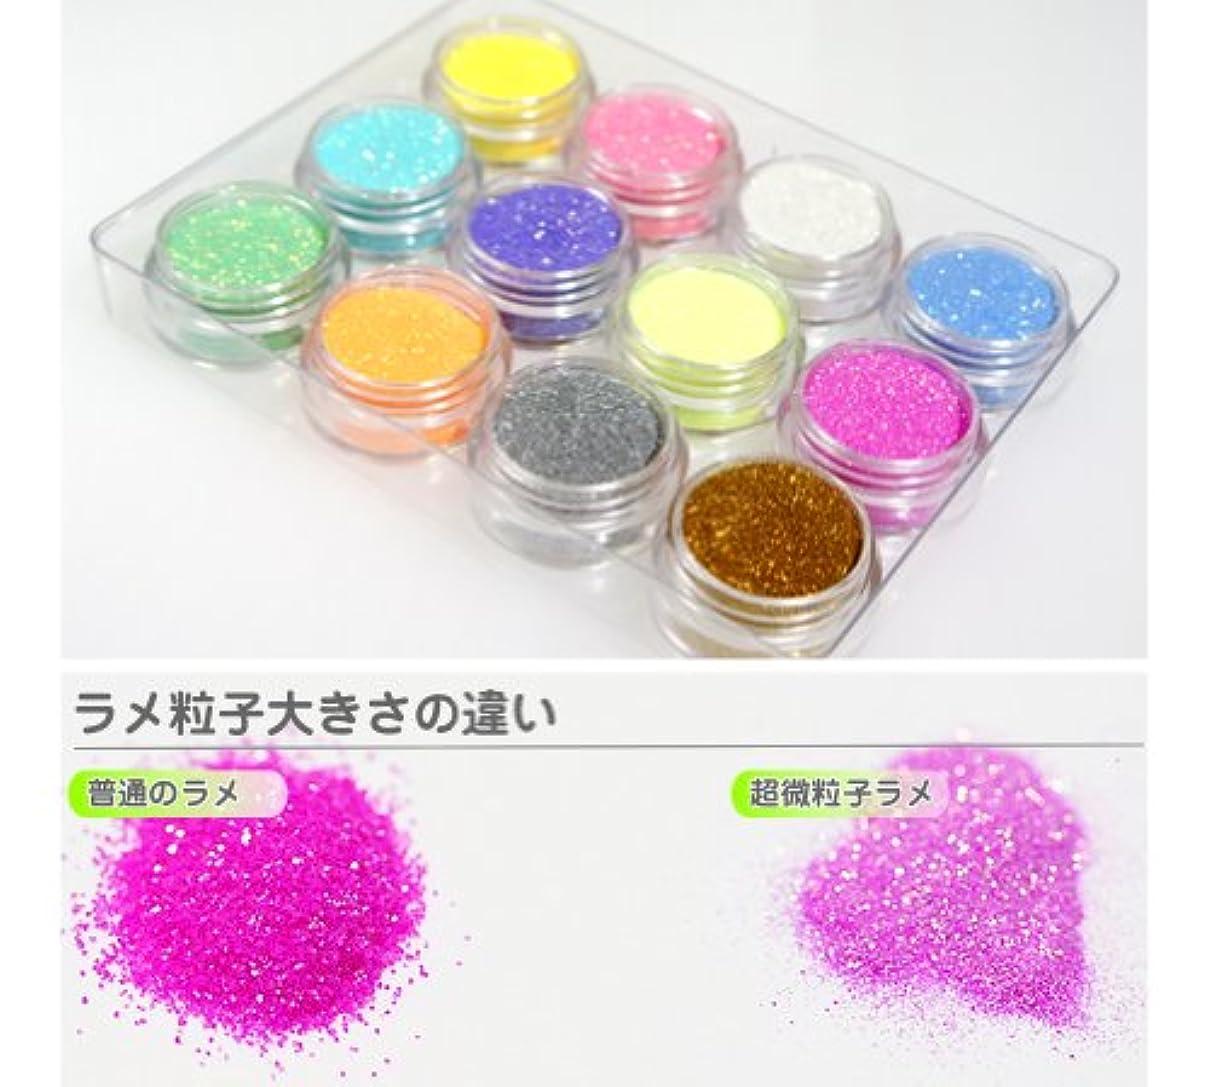 市民里親忙しいネオコレクションオリジナル☆超微粒子ラメパウダー0.1mm、砂のようにサラサラで抜群の発色 ジェルネイルアートに!